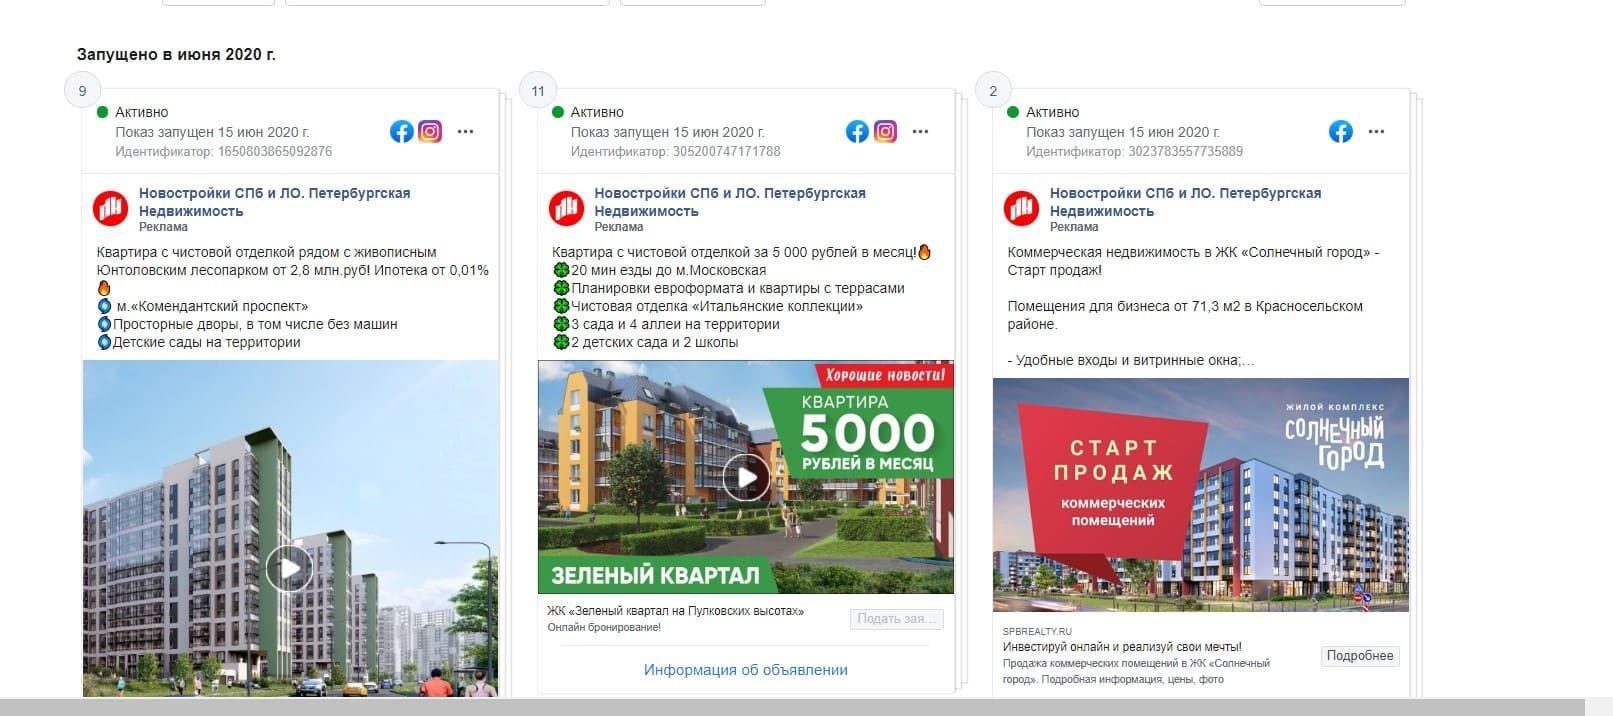 Как рекламировать недвижимость в интернете.